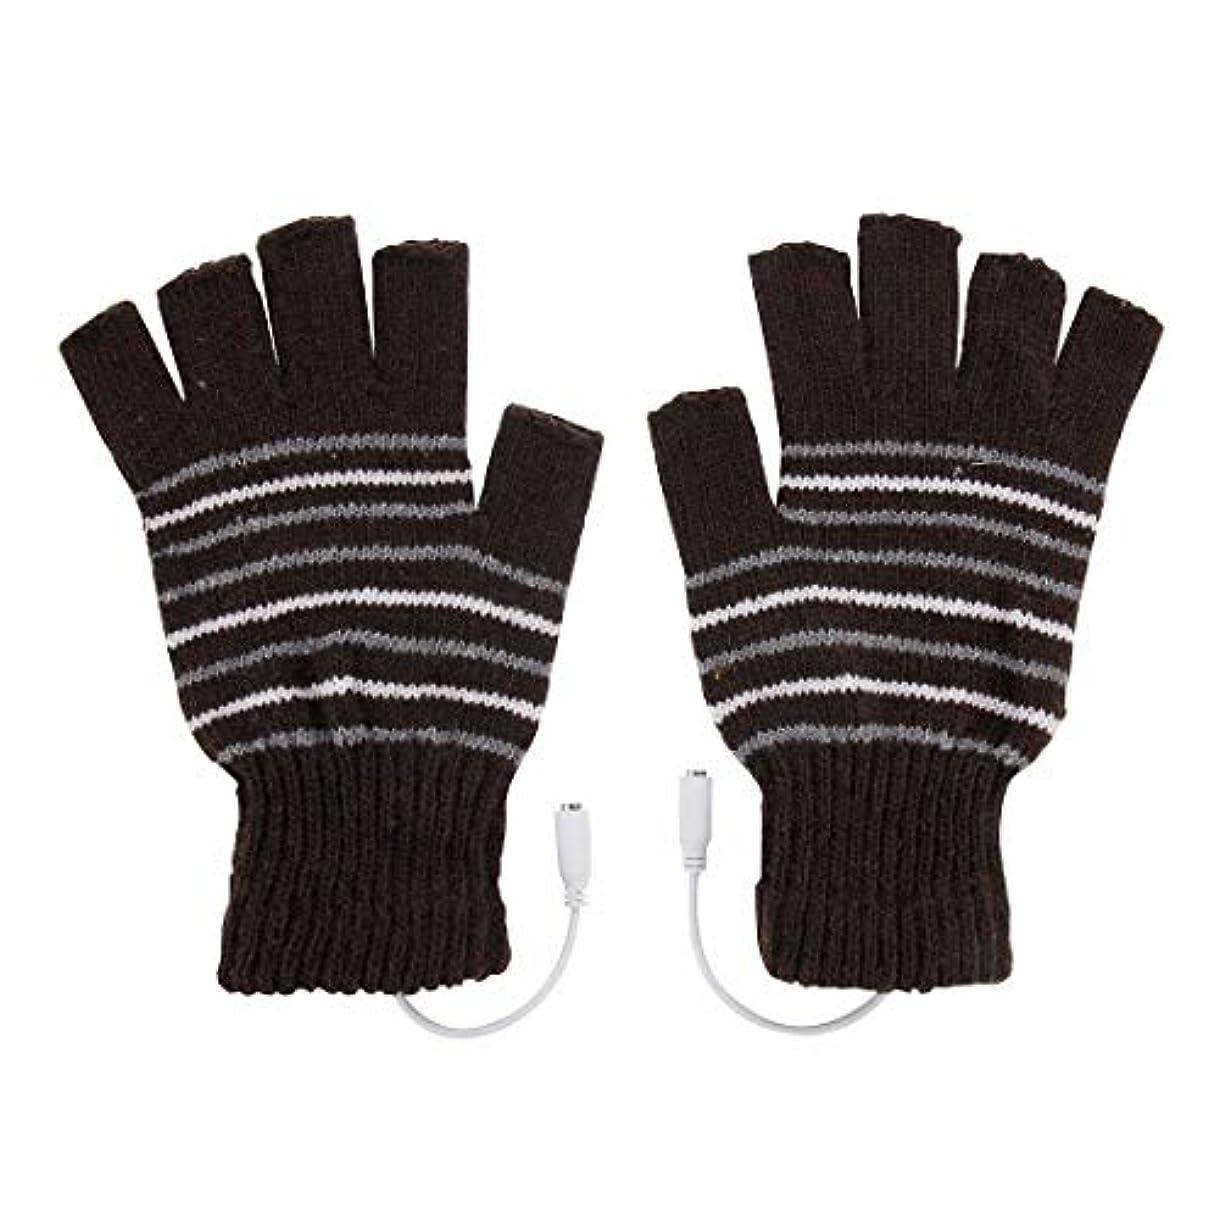 申し立てられた不利祖先BAJIMI 手袋 グローブ レディース/メンズ ハンド ケア アウトドアスポーツ電気加熱半指ニット耐久性のある手袋 裏起毛 おしゃれ 手触りが良い 運転 耐磨耗性 換気性